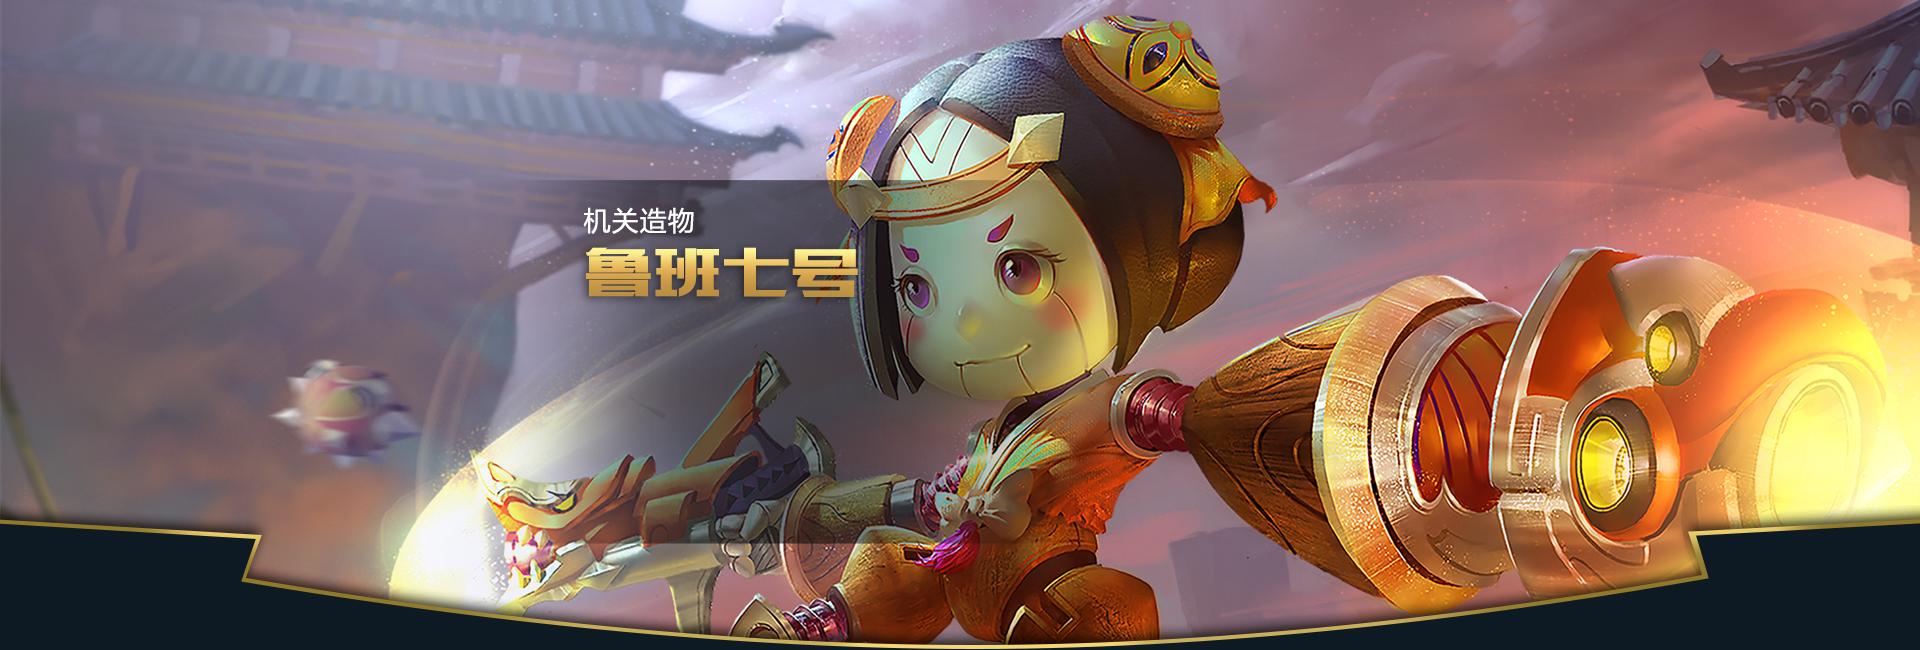 第2弹《王者荣耀英雄皮肤CG》竞技游戏111